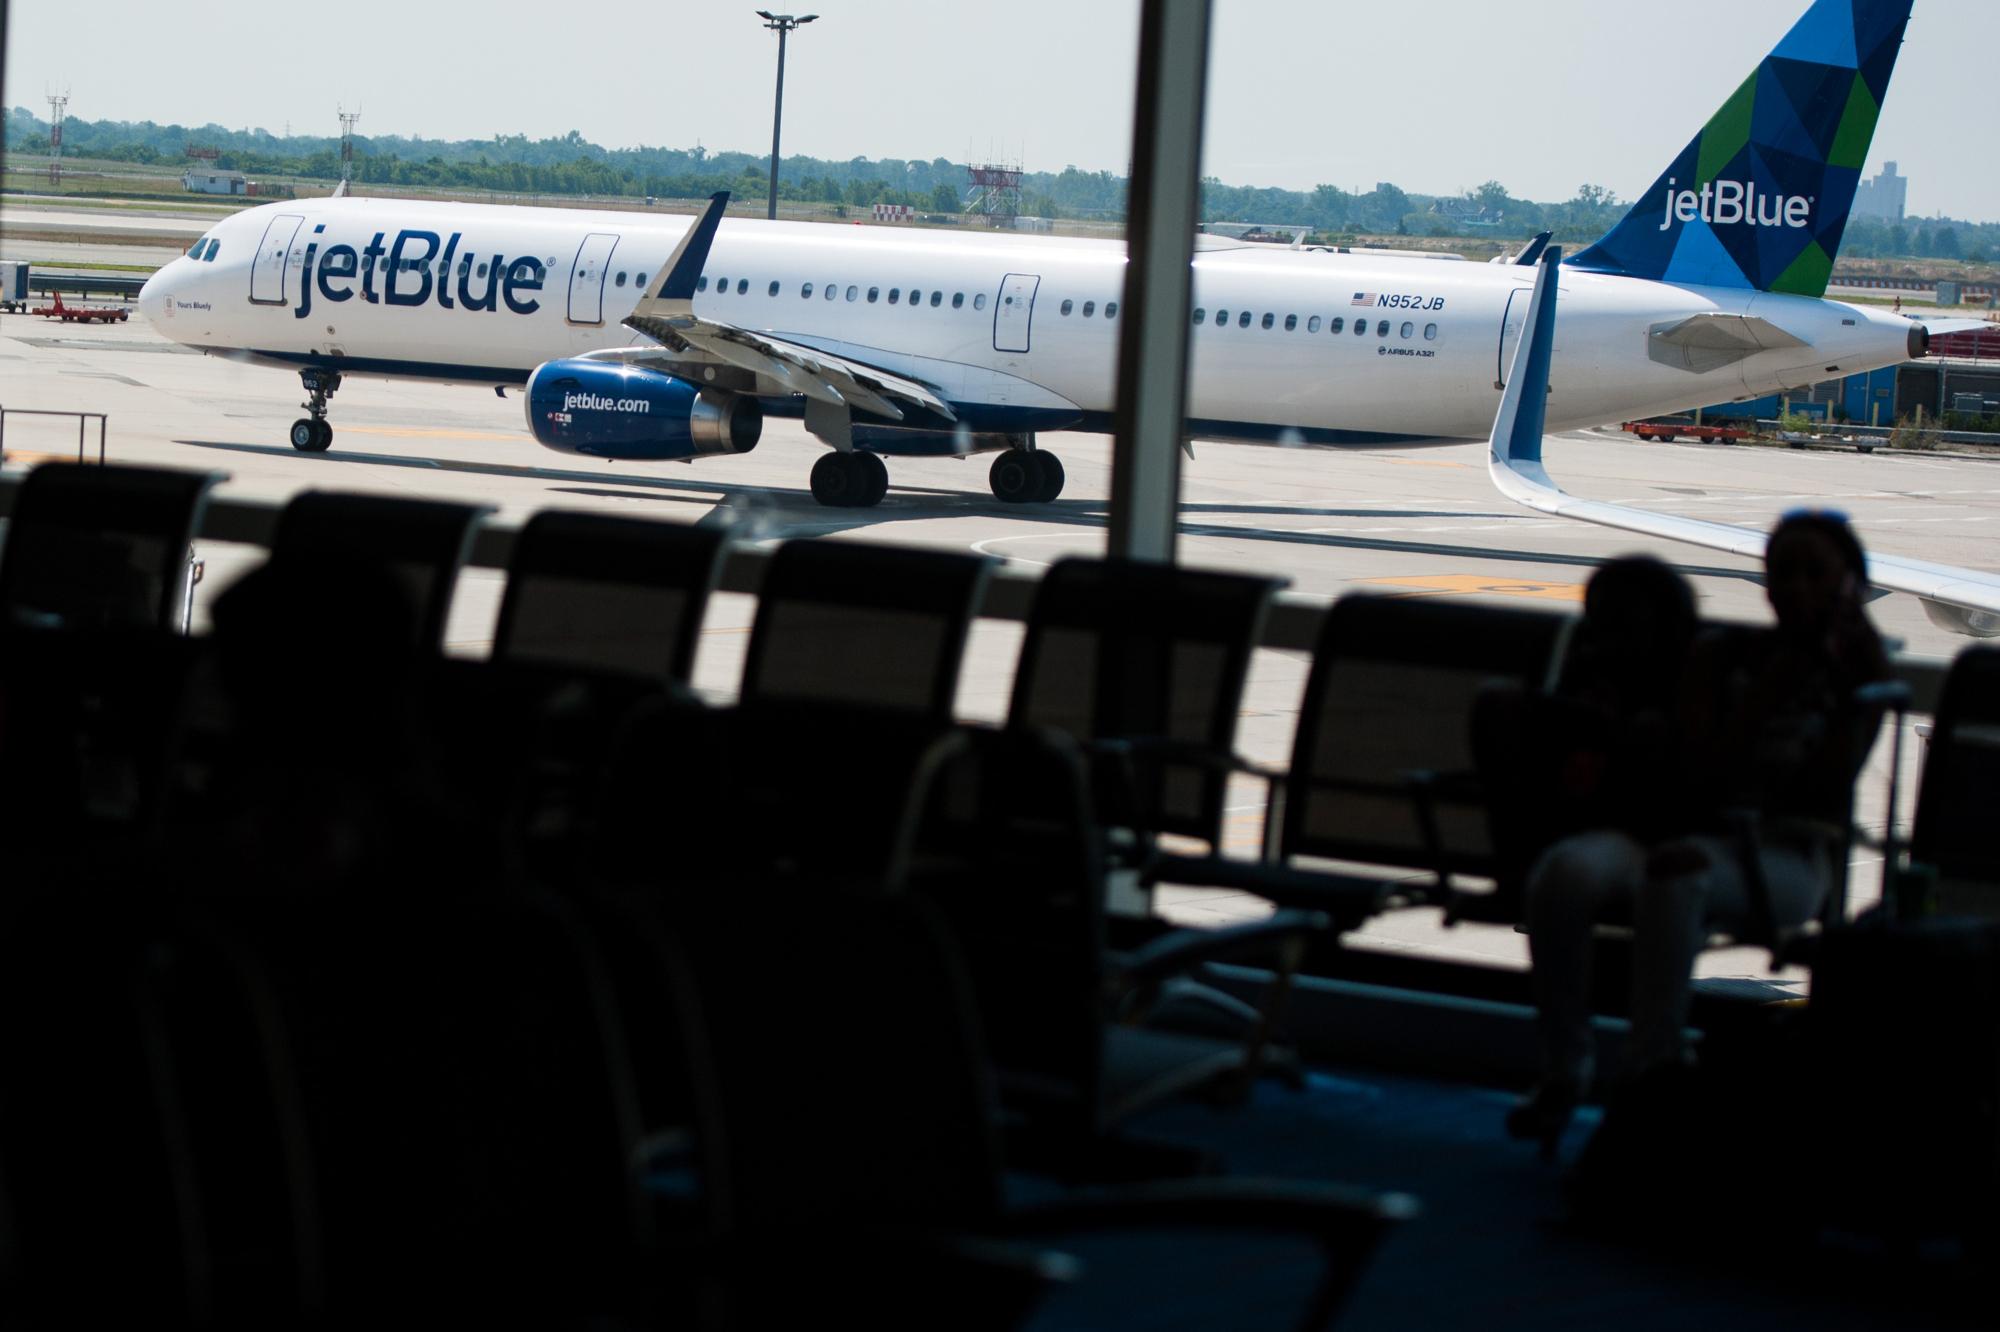 Resultado de imagen para jetblue A321neo png